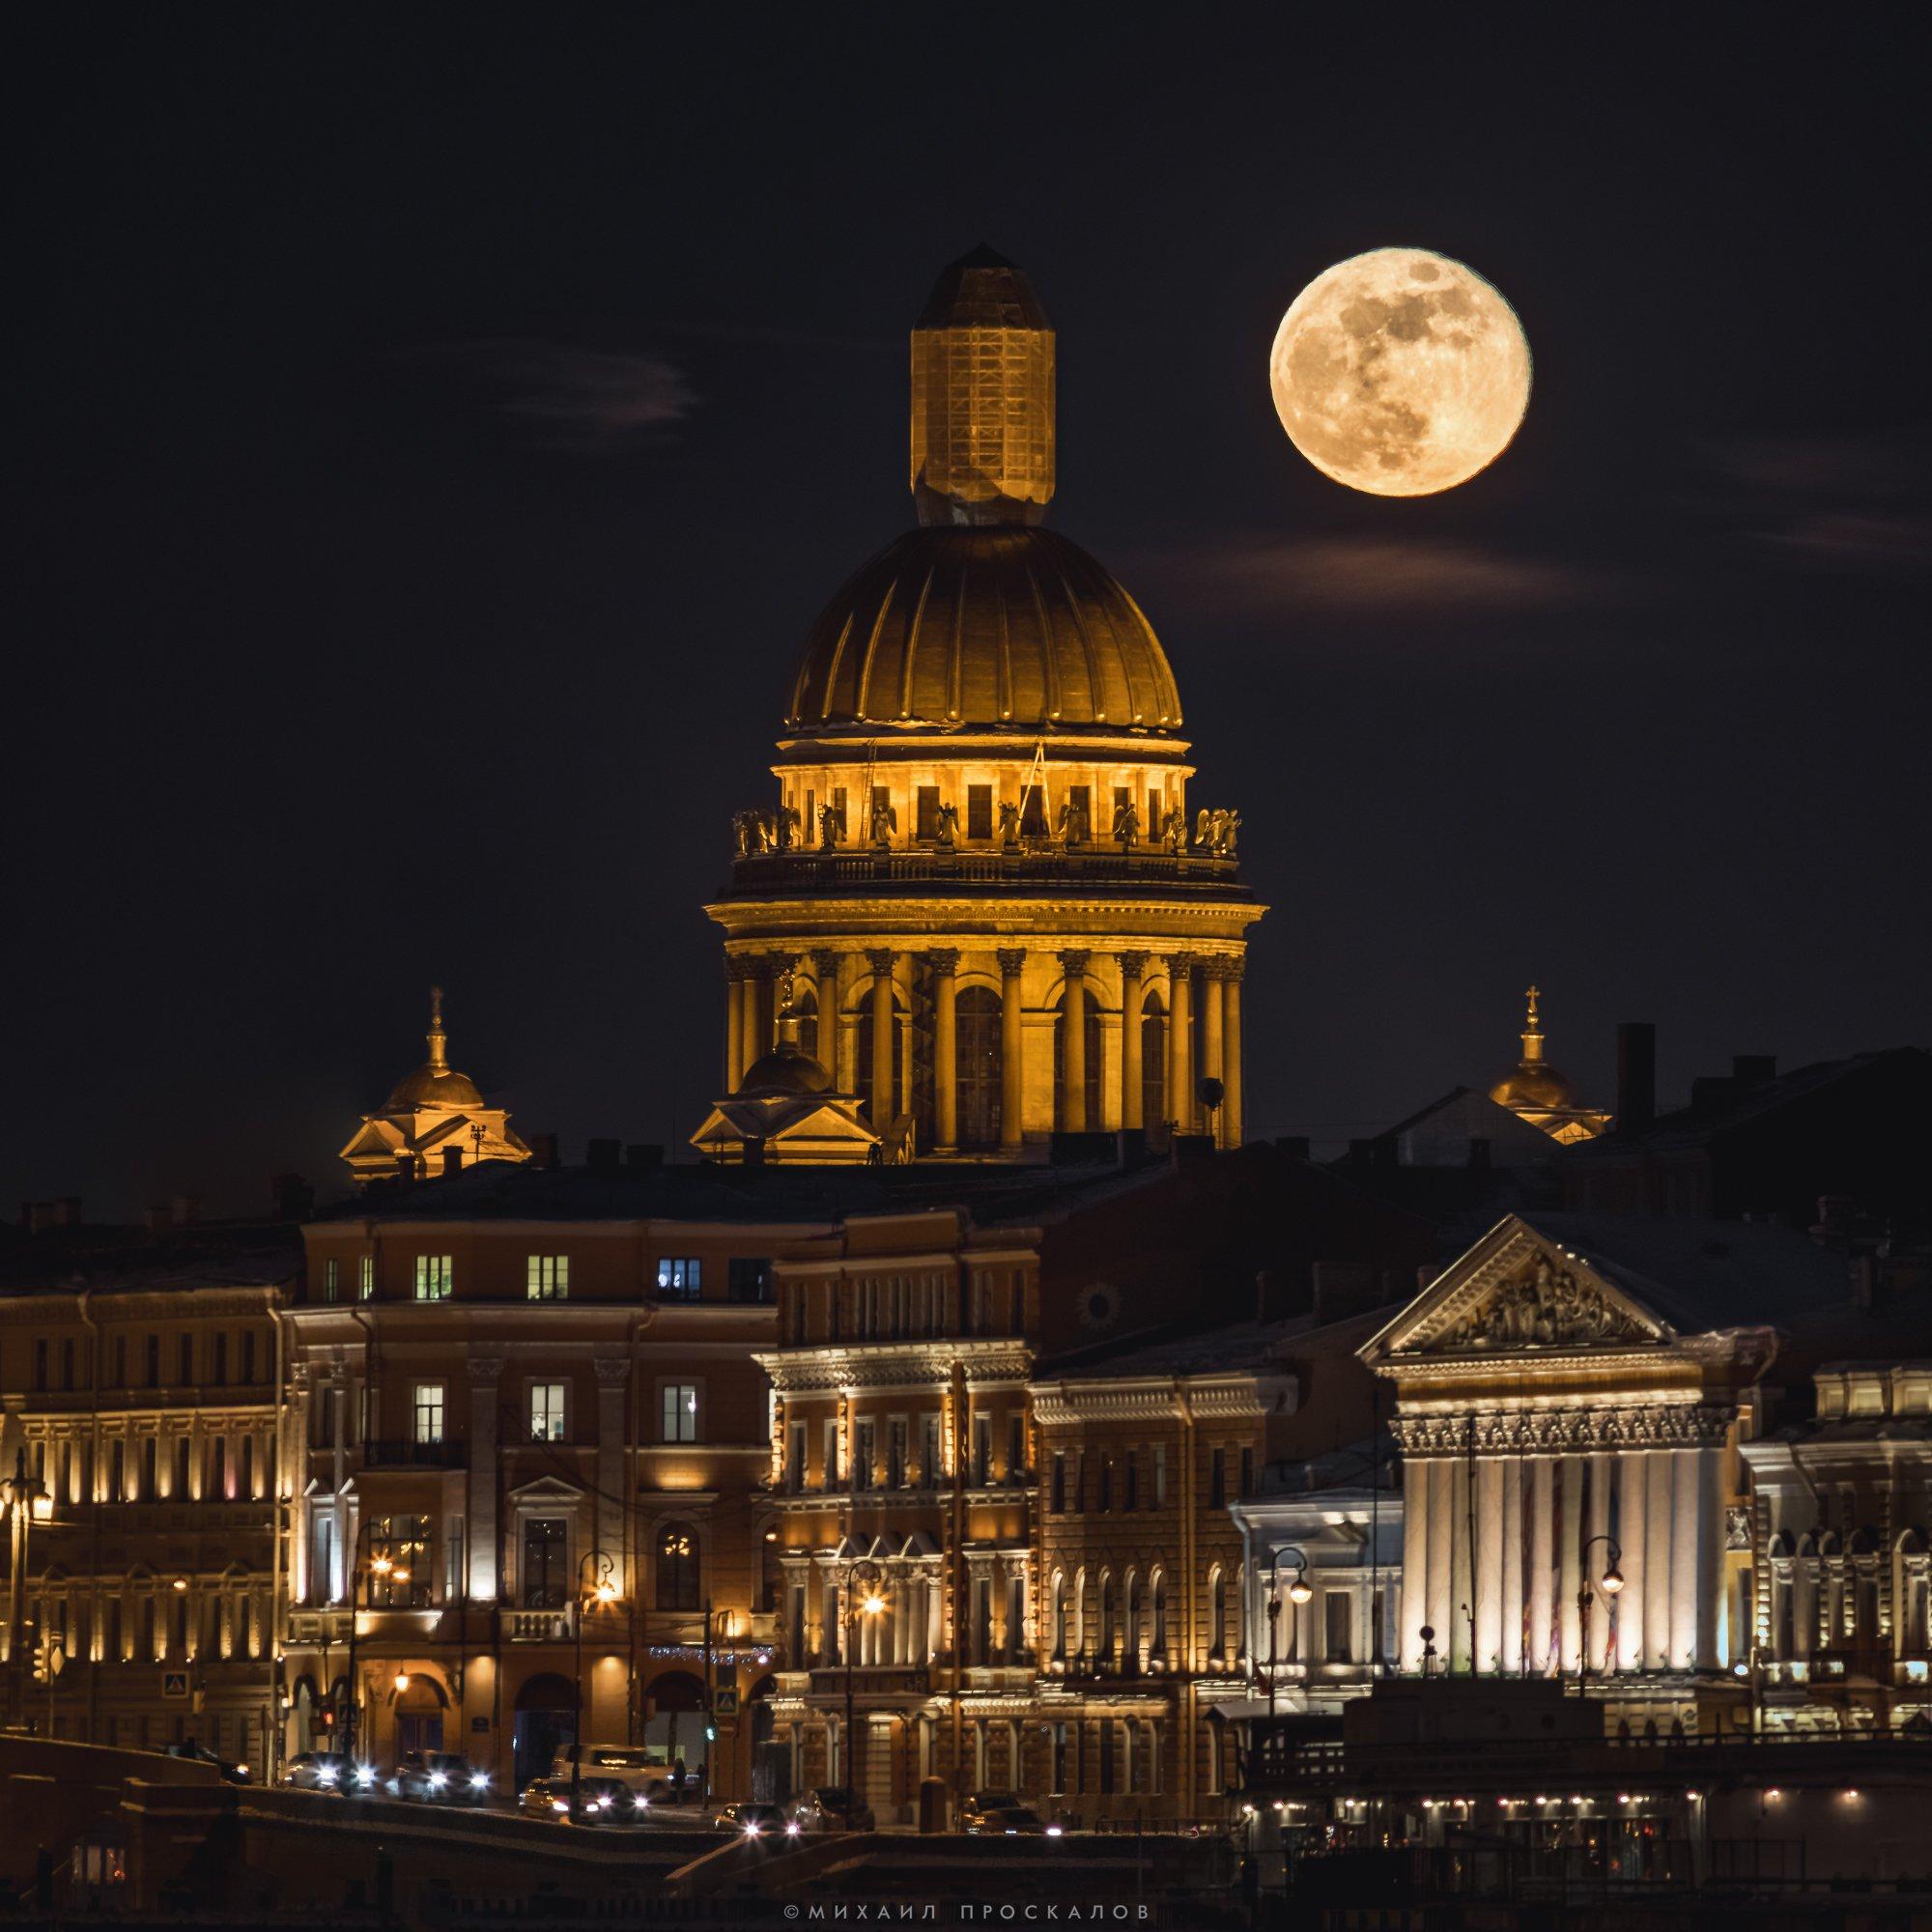 Питер, луна, город, пейзаж, Михаил